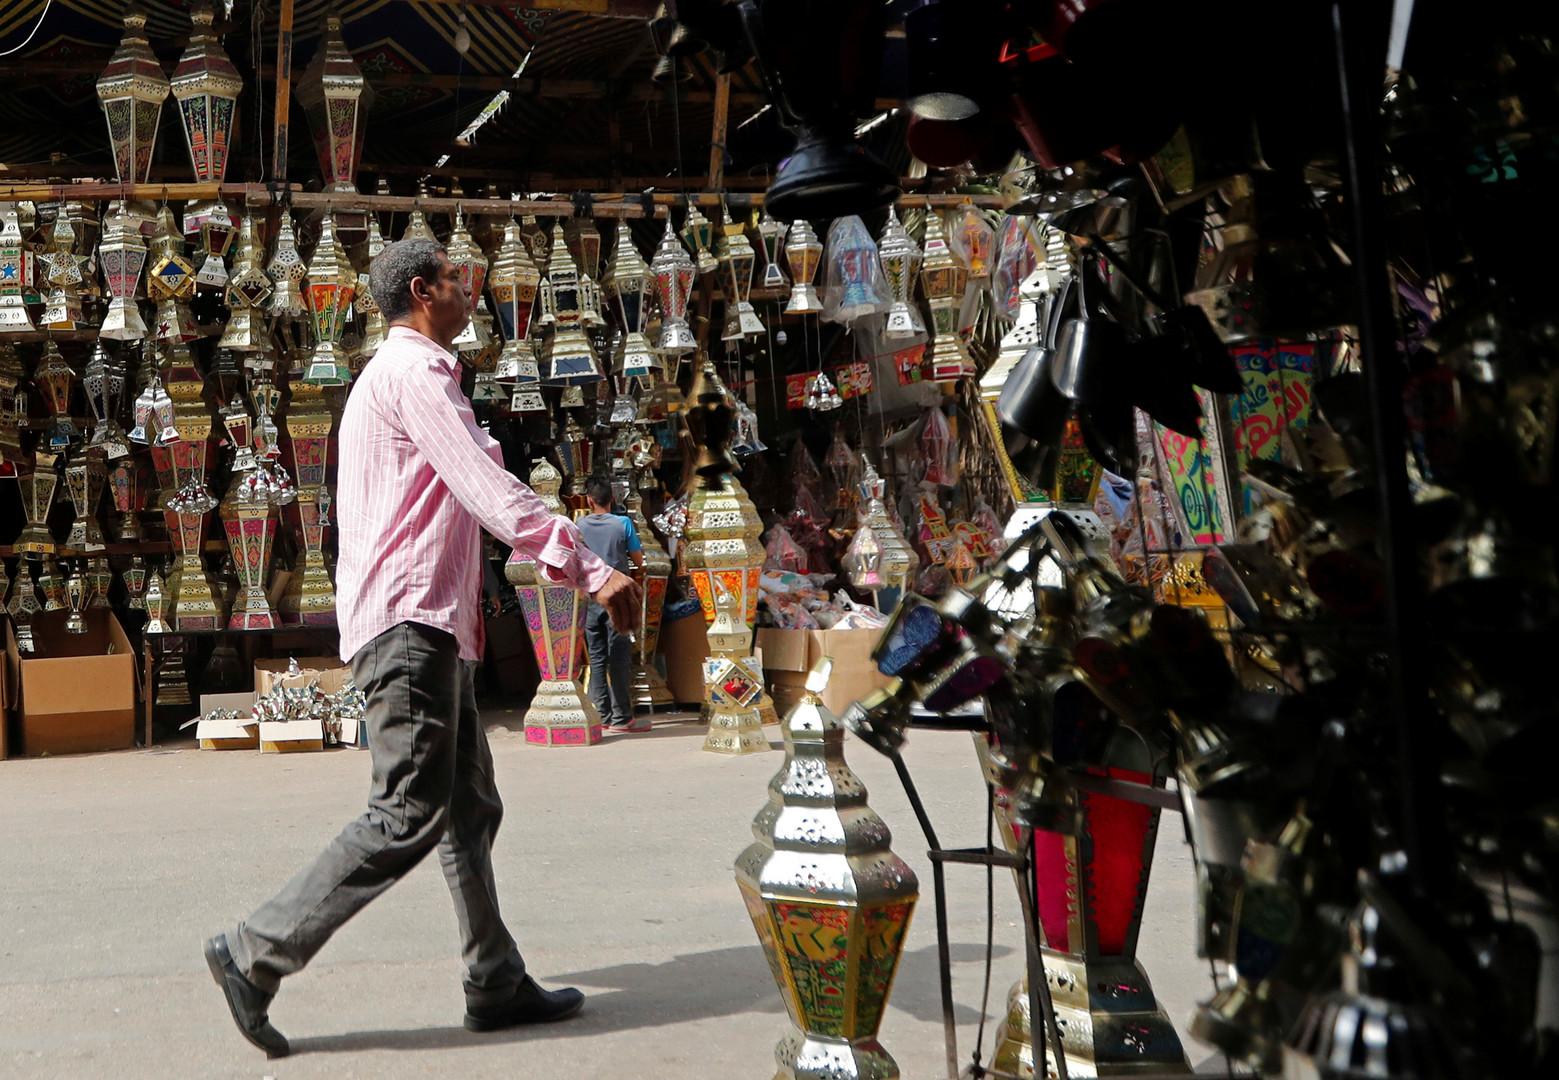 موجة حر تصل 38 درجة بأول يوم من رمضان في مصر